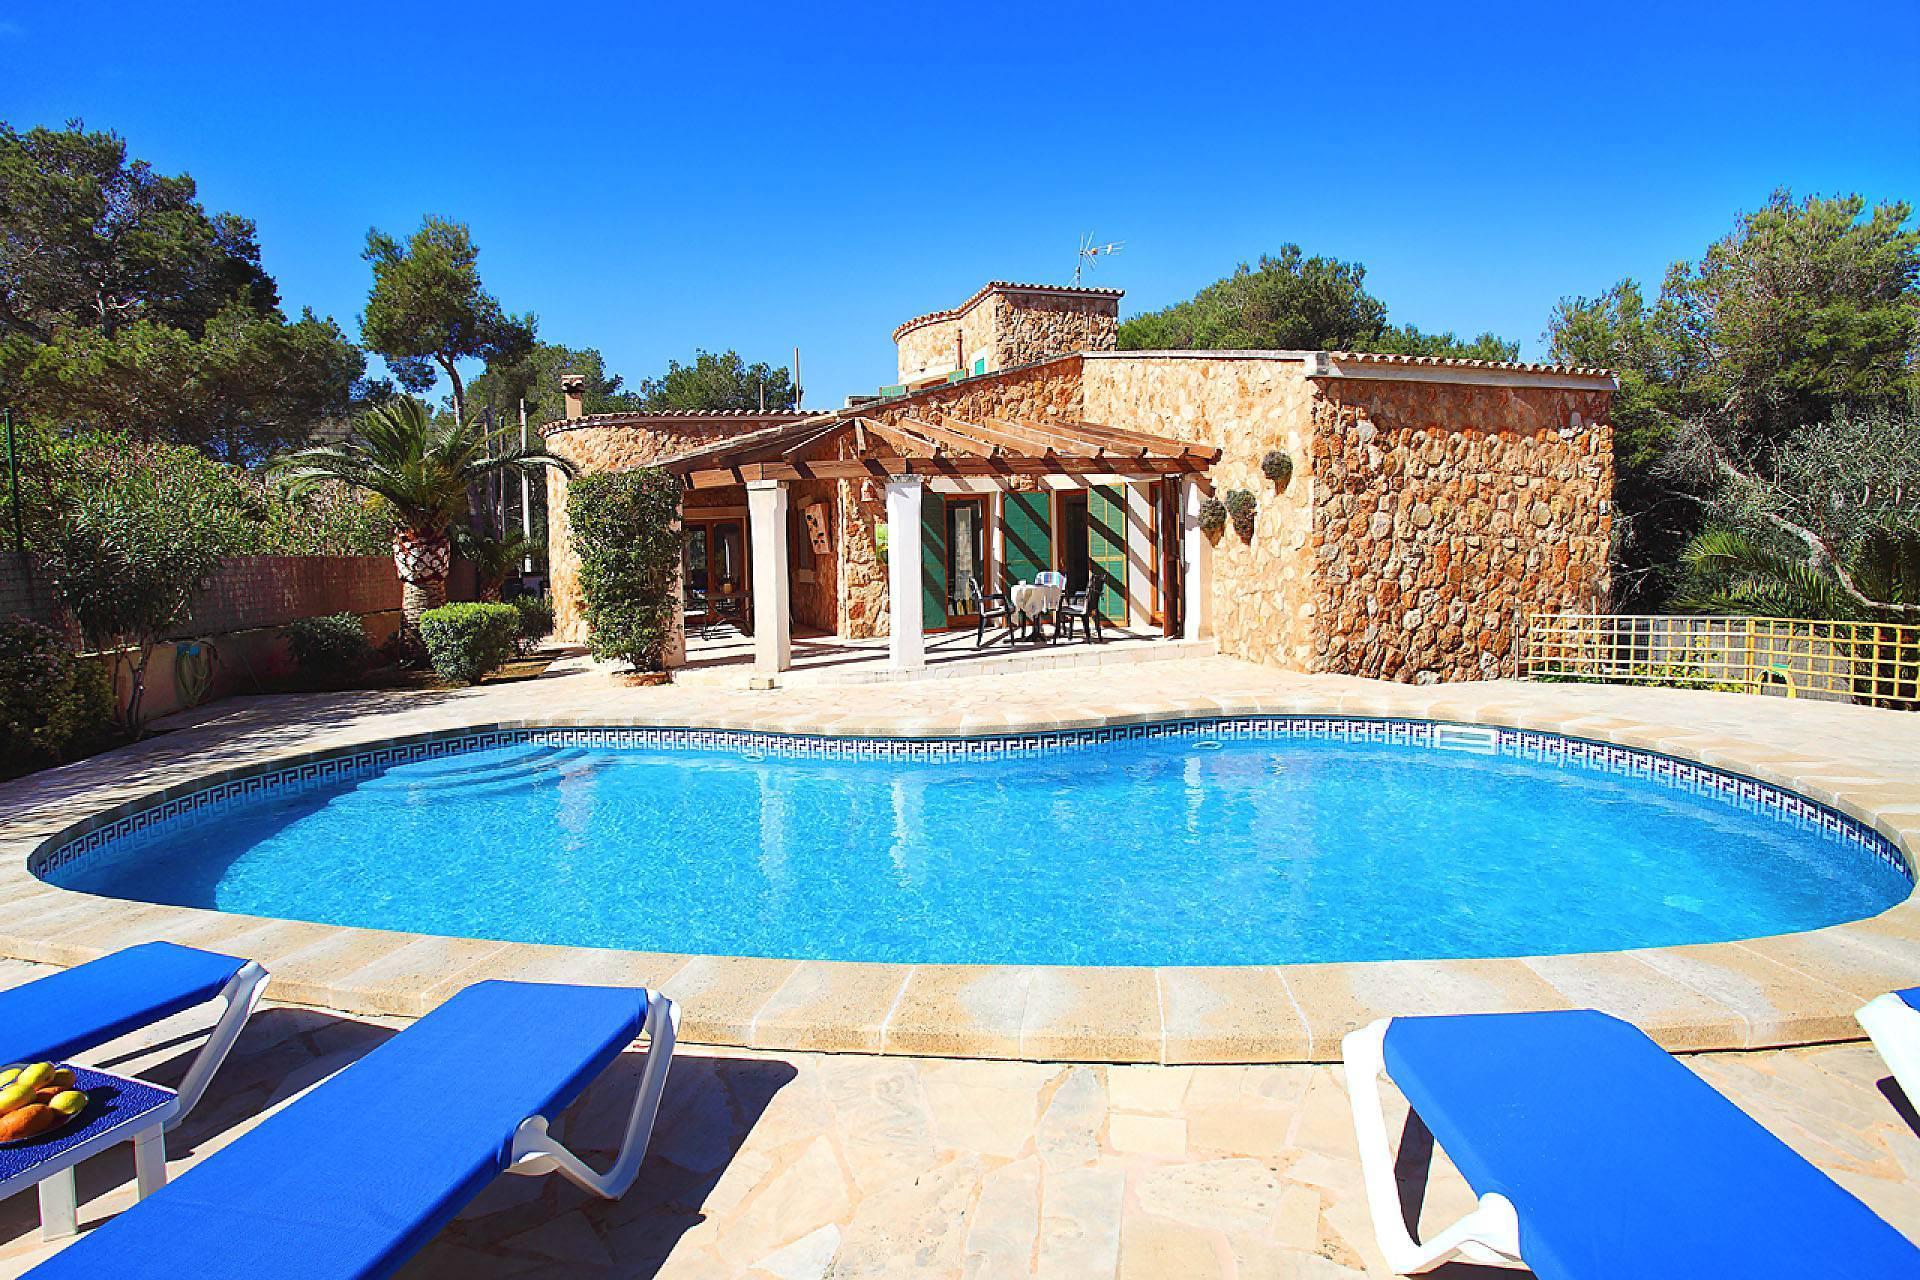 01-174 Gemütliches Ferienhaus Mallorca Süden Bild 4